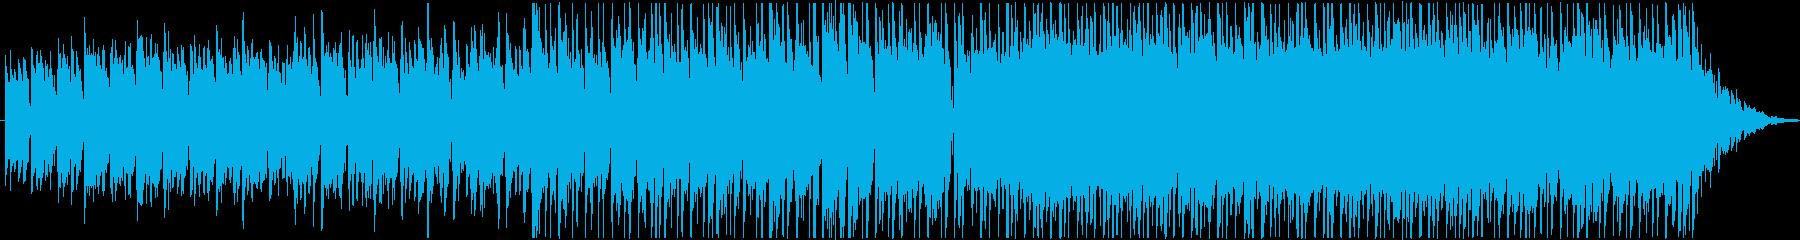 アンビエント 感情的 バラード 電...の再生済みの波形